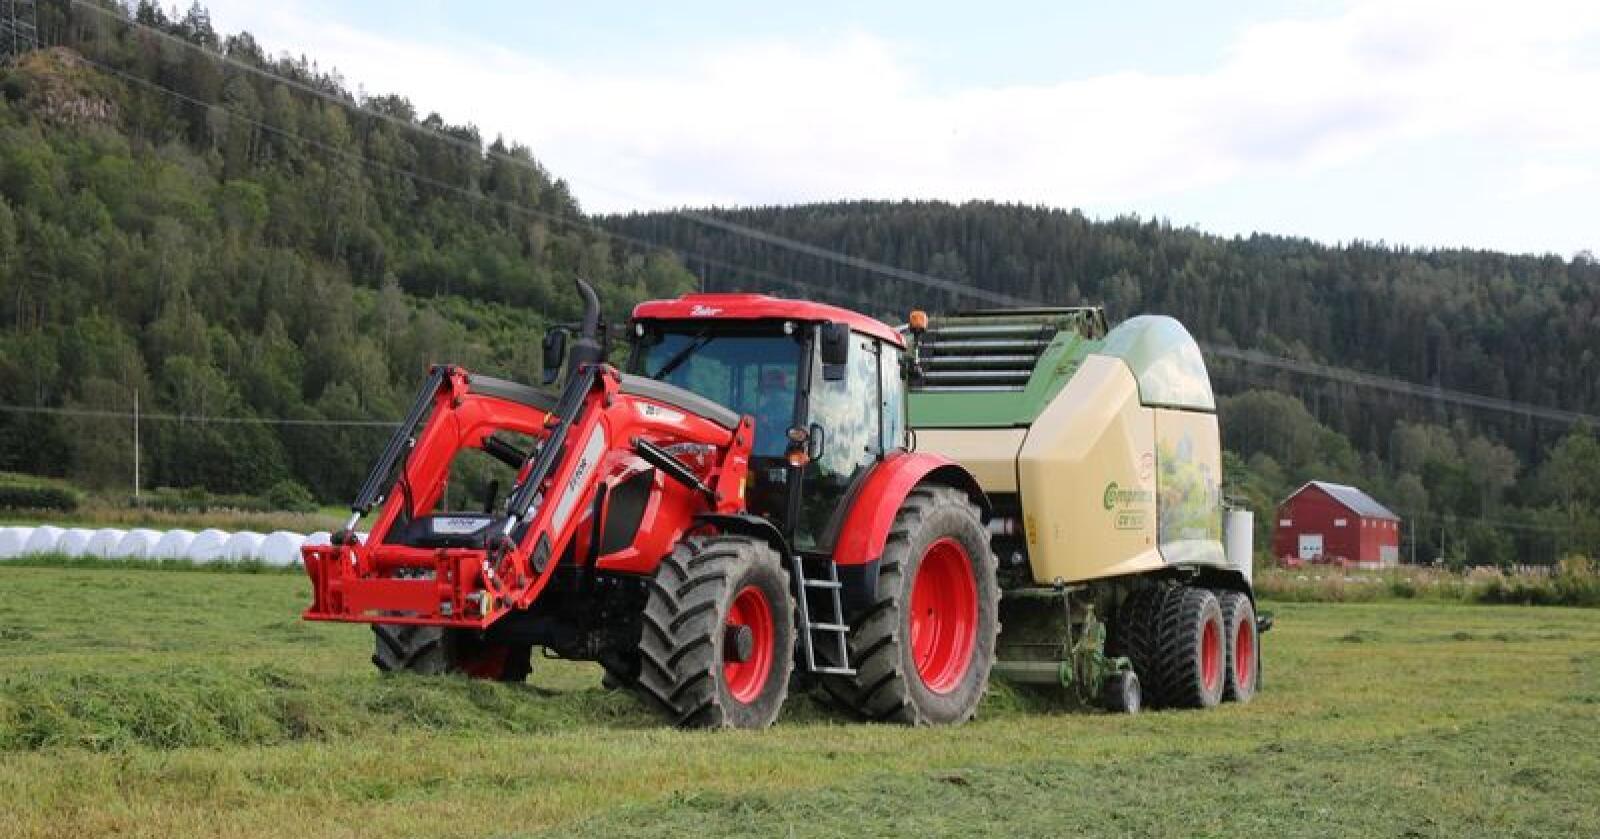 HCP har fokus på tett samarbeid med sine forhandlere. Under Grasslåttfestivalen ble strategier for framtida diskutert, samtidig som selgere og mekanikere fikk se og prøve traktorer og redskap ute på jordet. (Foto: Lars Raaen)